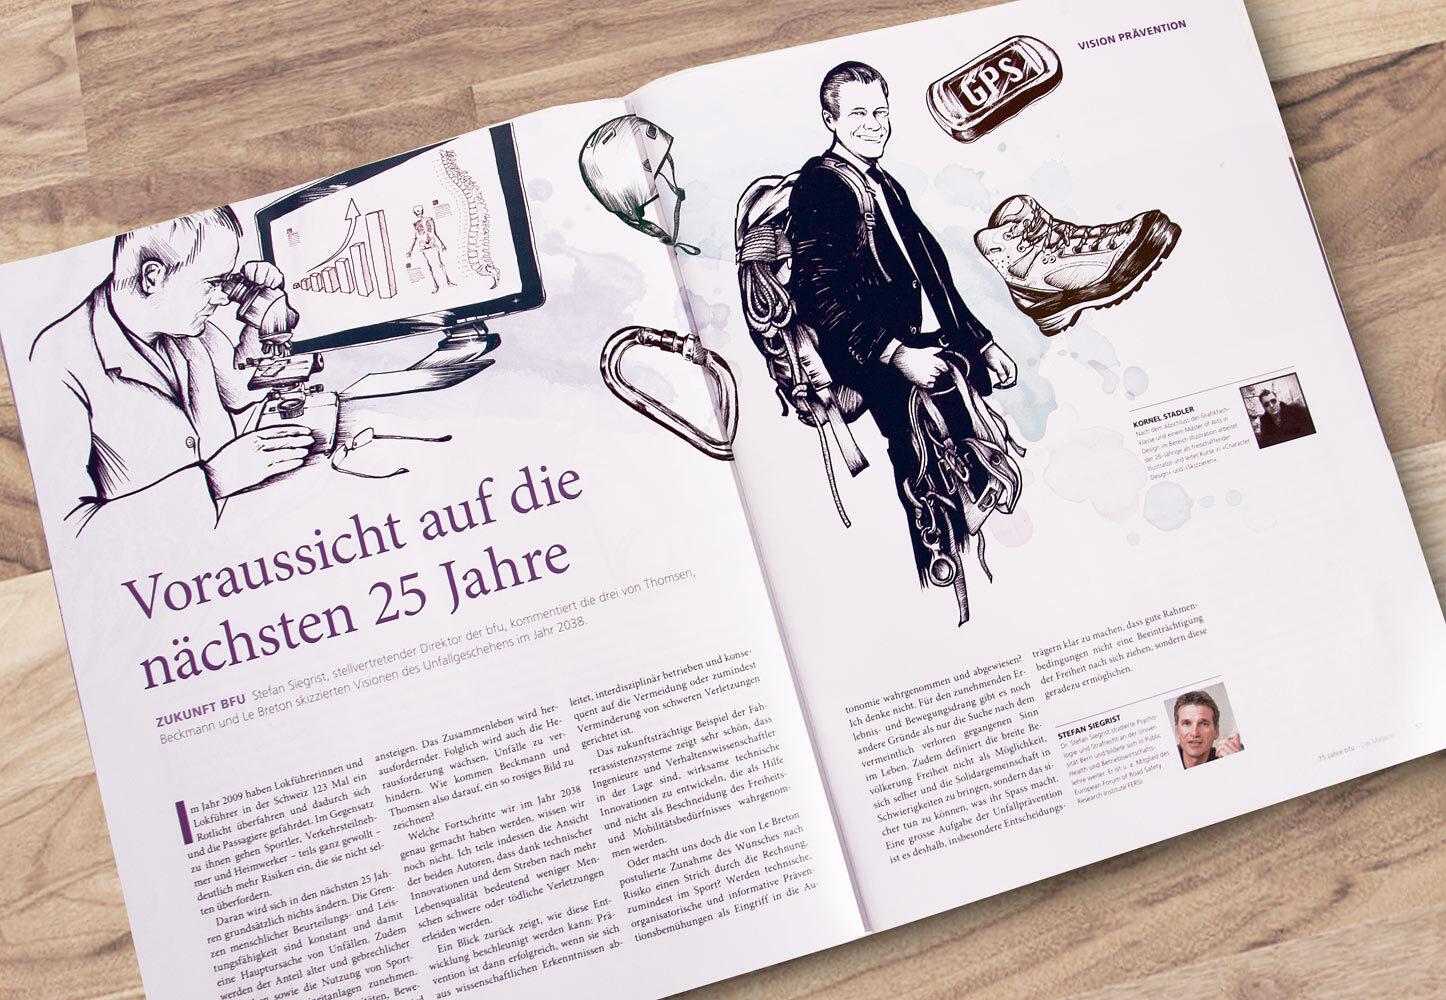 Bild 8 - Kornel Illustration | Kornel Stadler portfolio